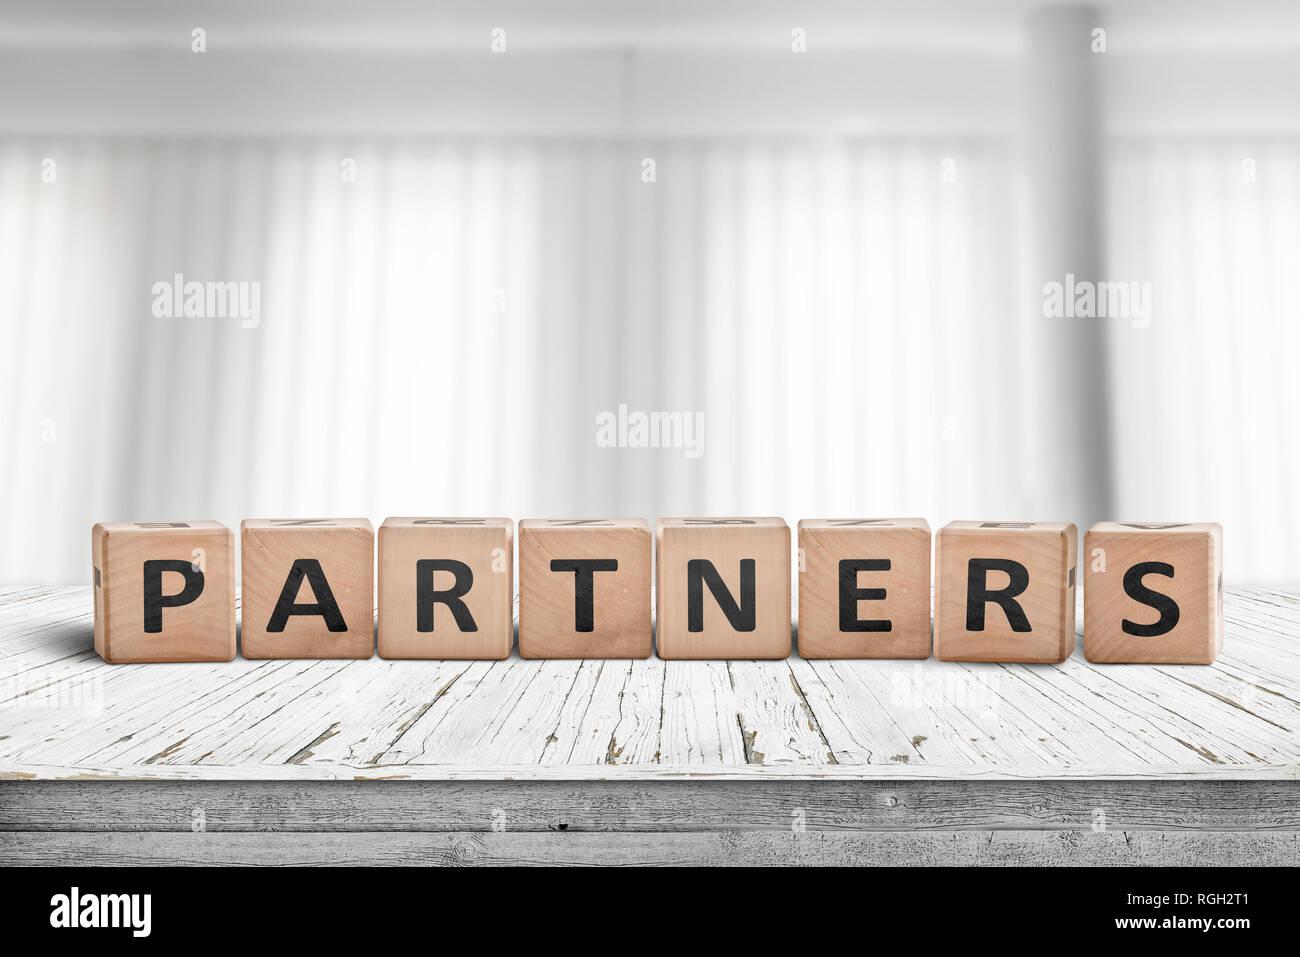 Incroyable Partner Anmeldung Auf Einem Schreibtisch In Einem Hellen Büro Mit Weißen  Vorhängen Im Hintergrund